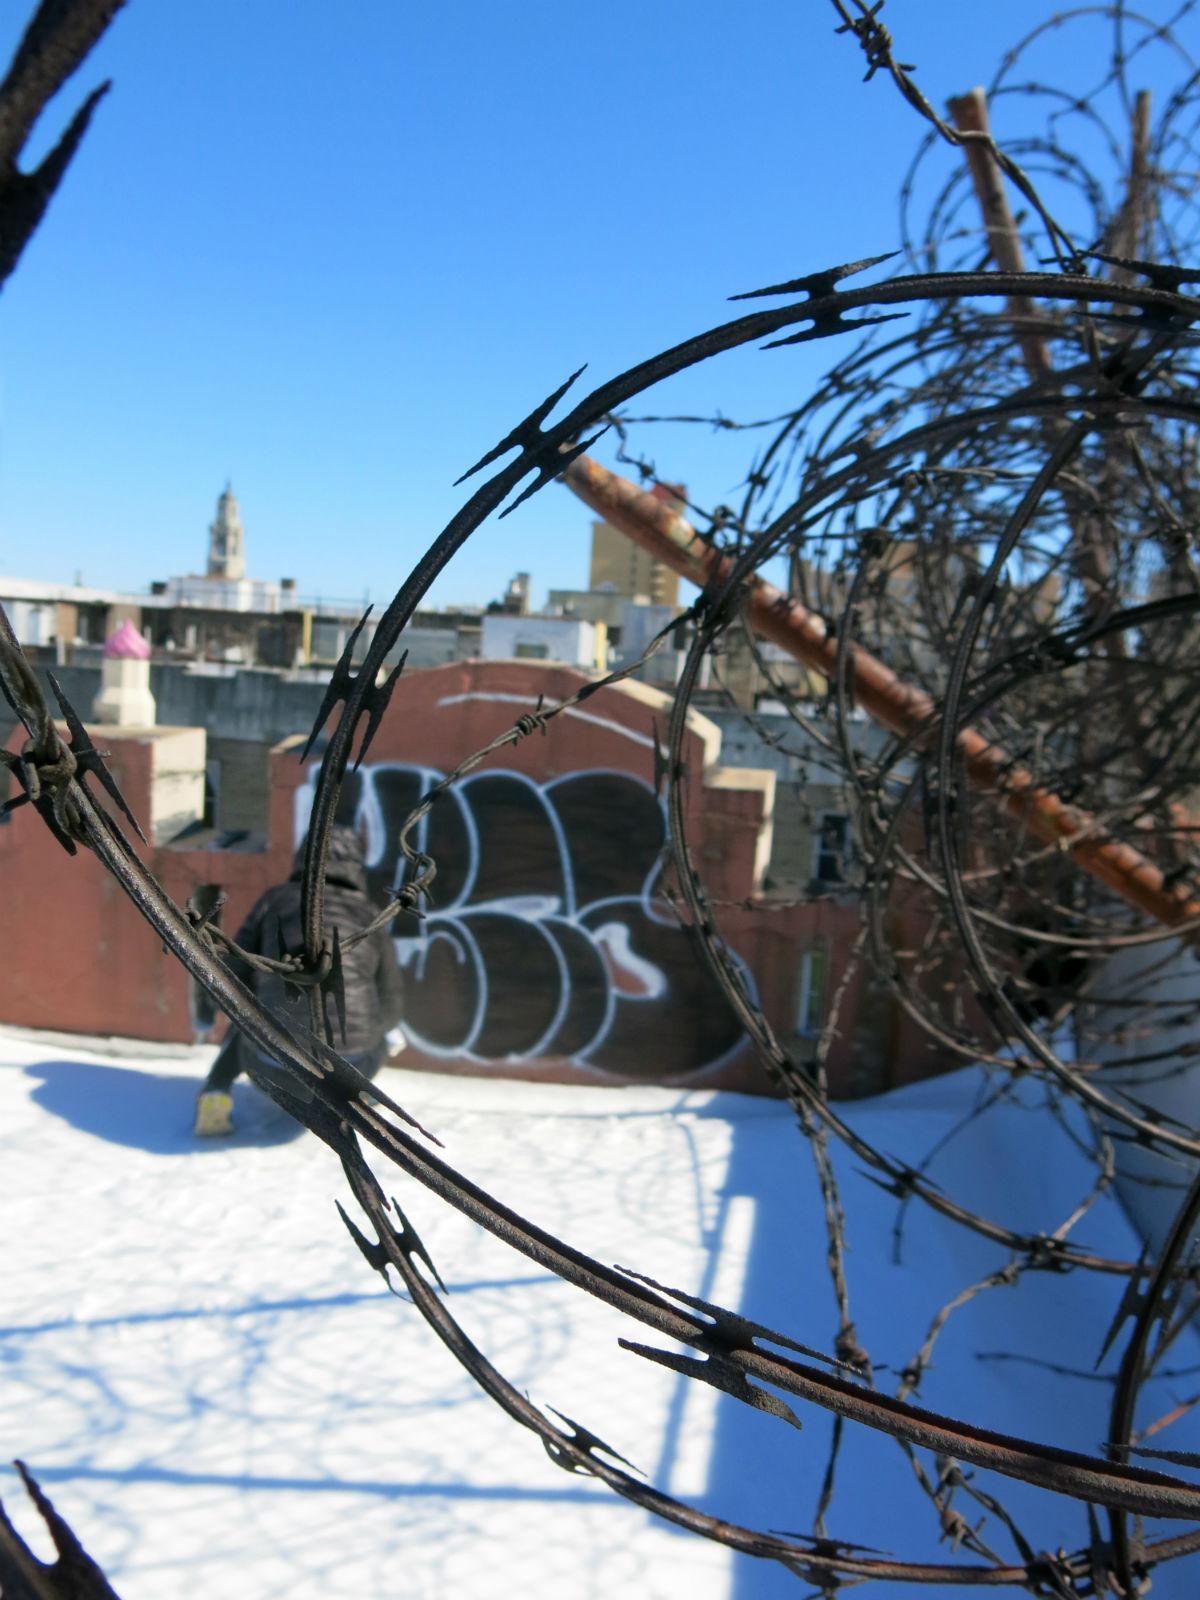 Mina è uno dei 6 artisti conivolti da Just Cavalli per reinterpretare il logo del brand in chiave street art